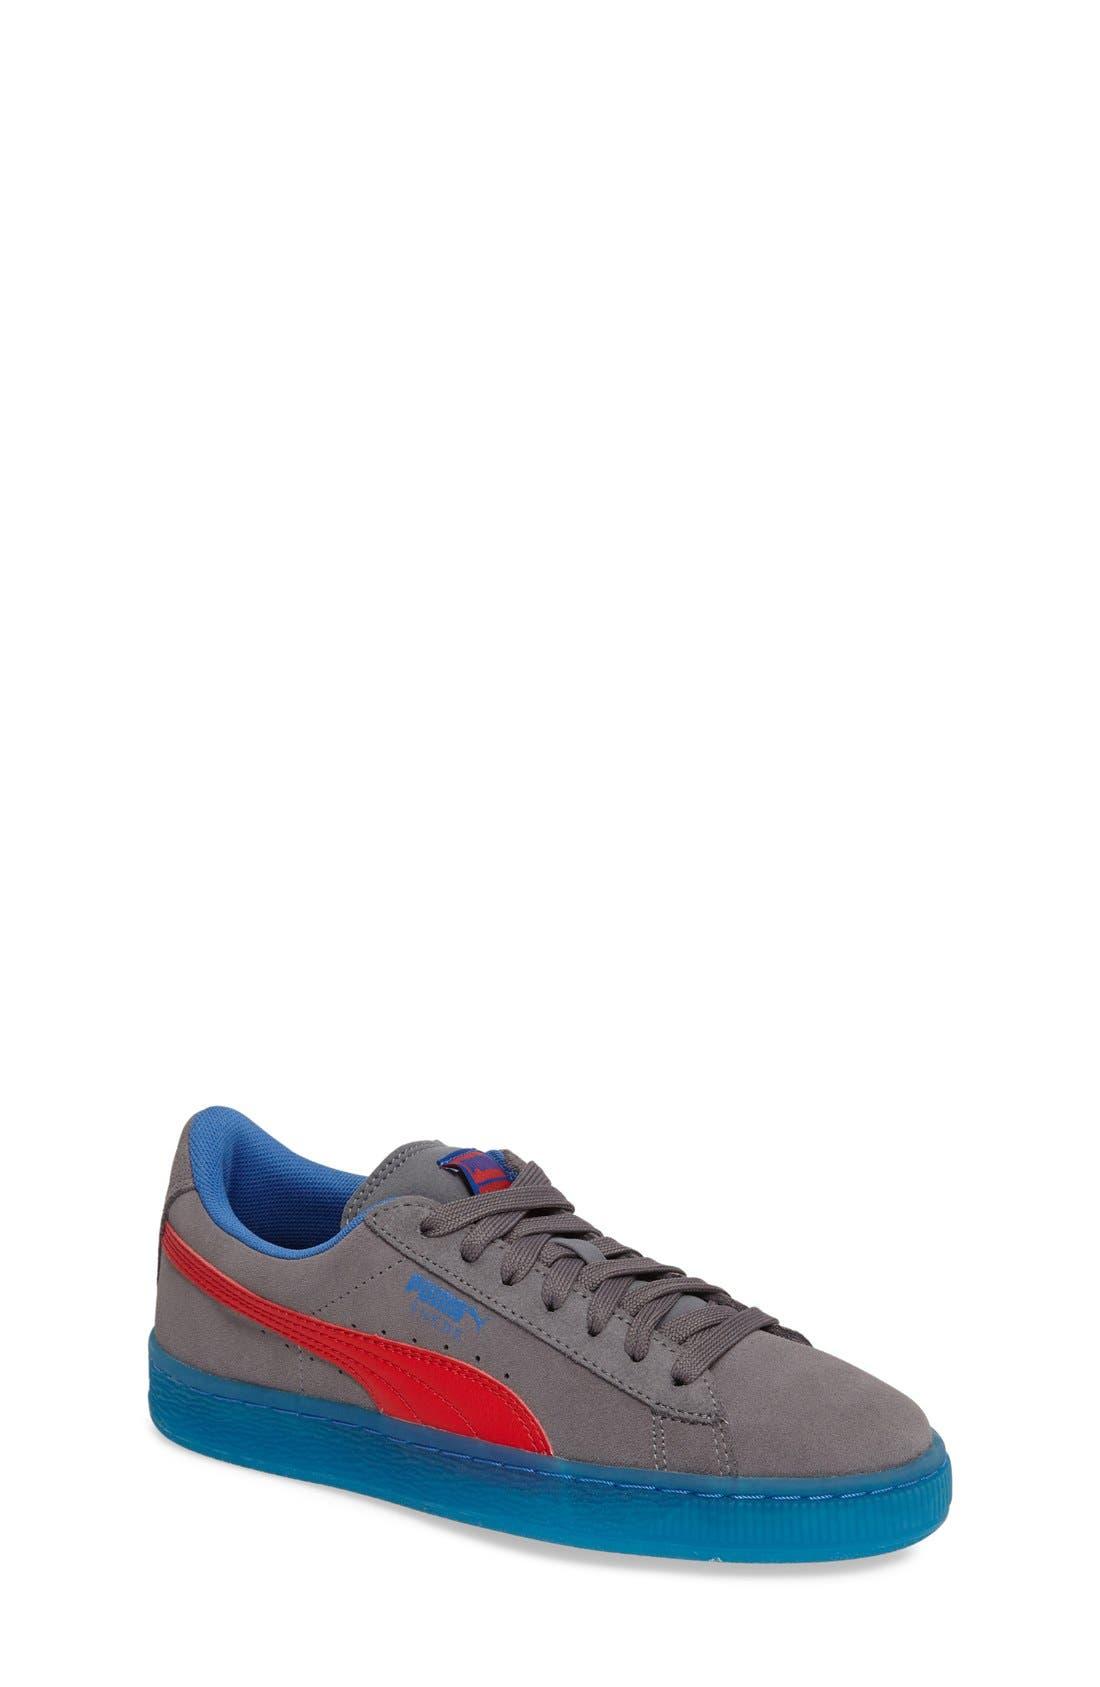 PUMA LFS Iced Jr Sneaker